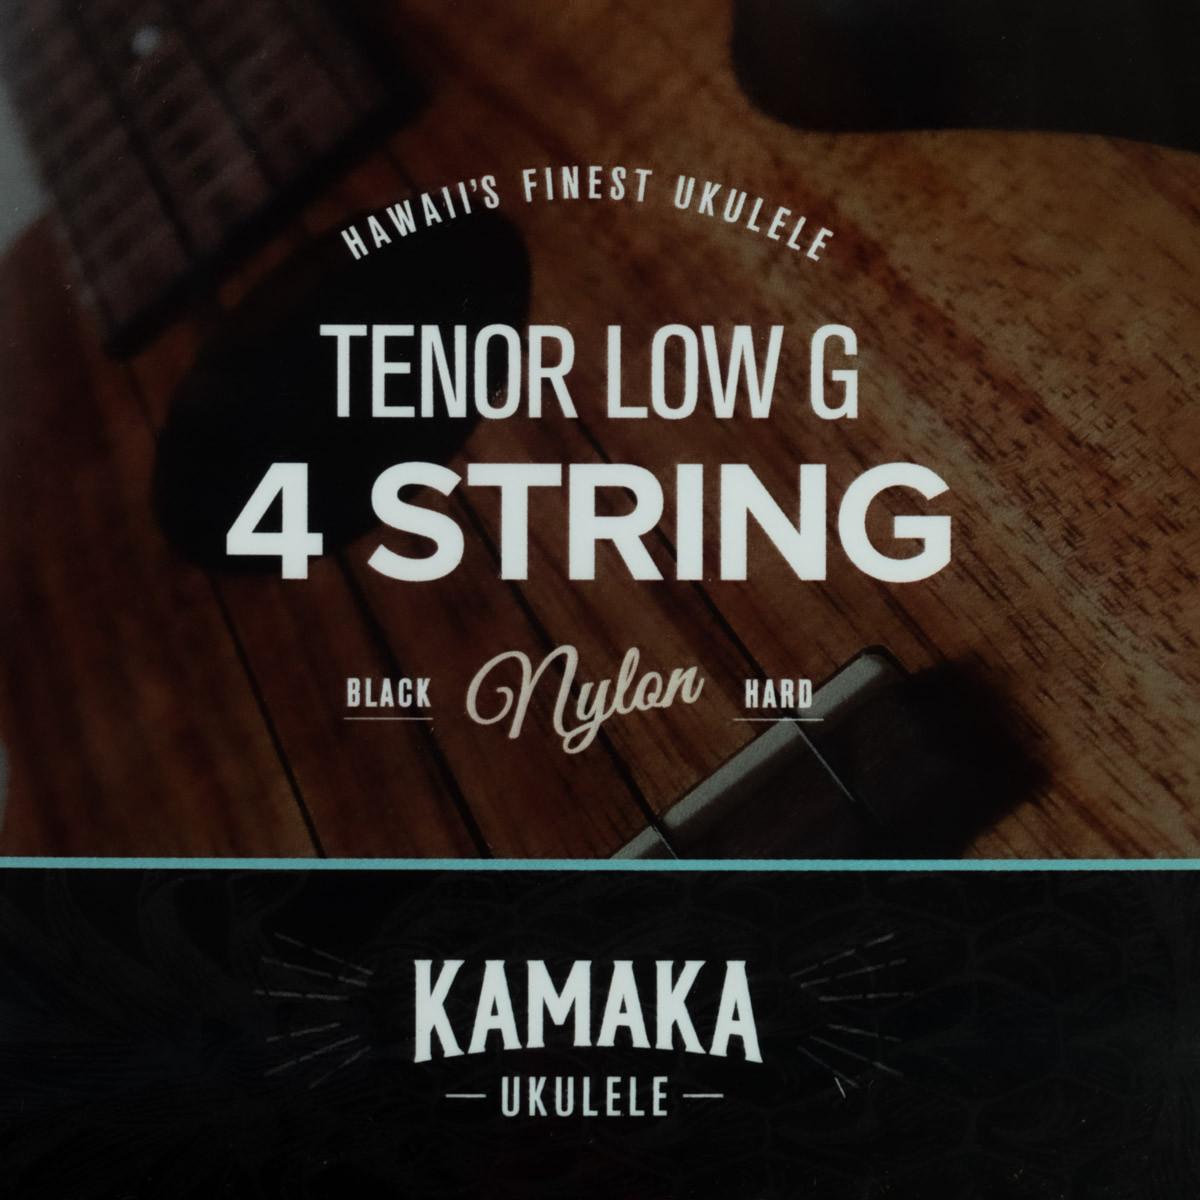 Kamaka Strings Tenor 4 String Low G